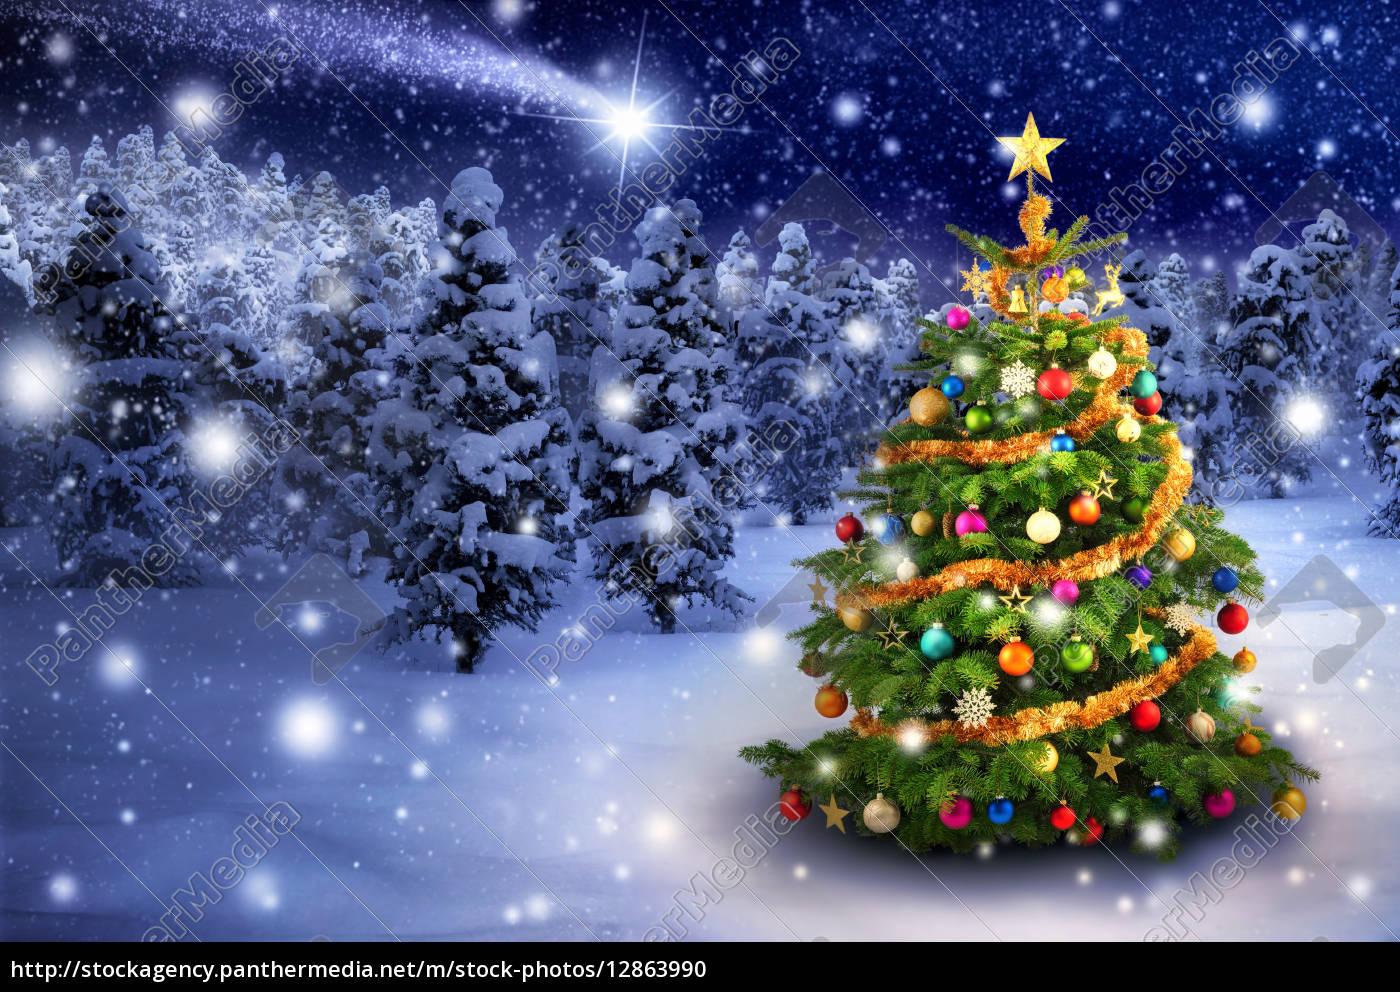 Foto Weihnachtsbaum.Stock Bild 12863990 Weihnachtsbaum In Verschneiter Nacht